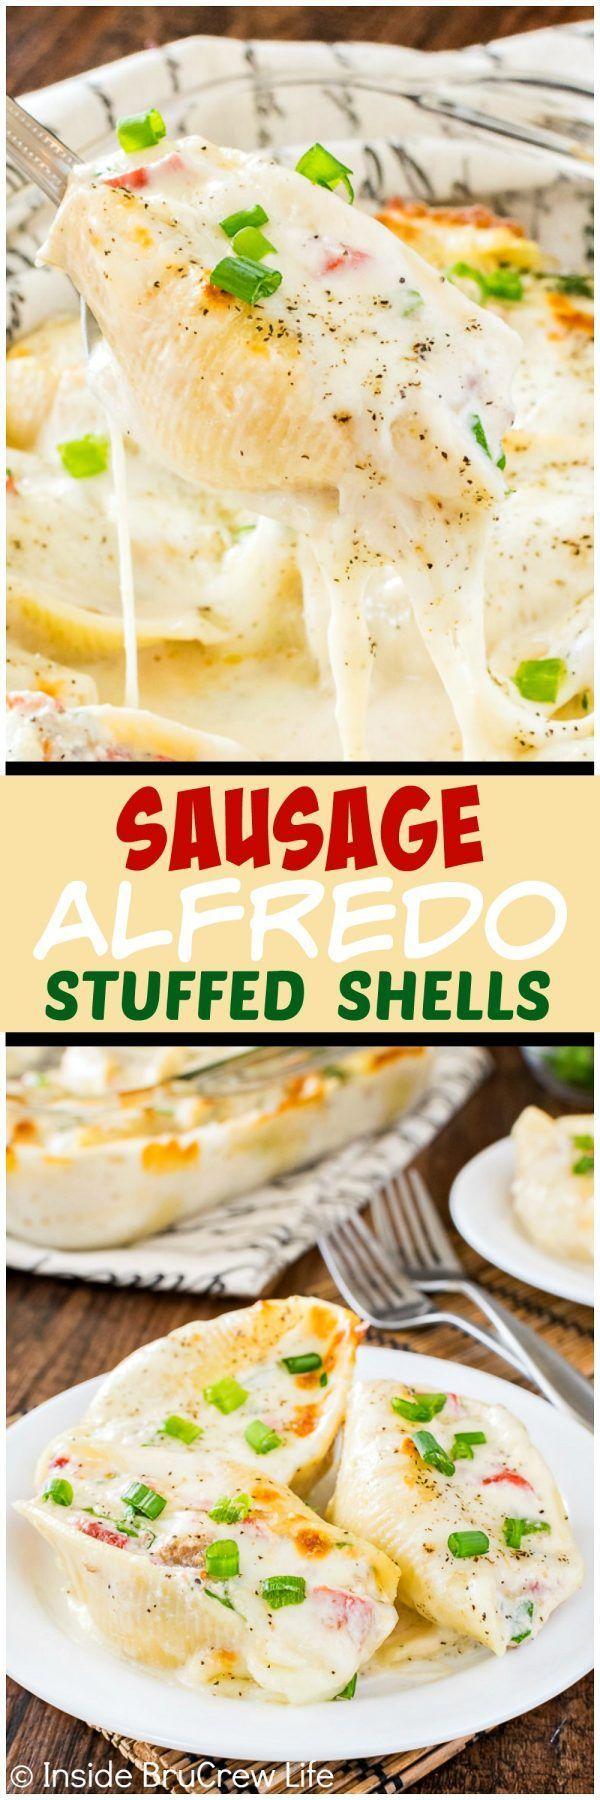 Sausage Alfredo Stuffed Shells